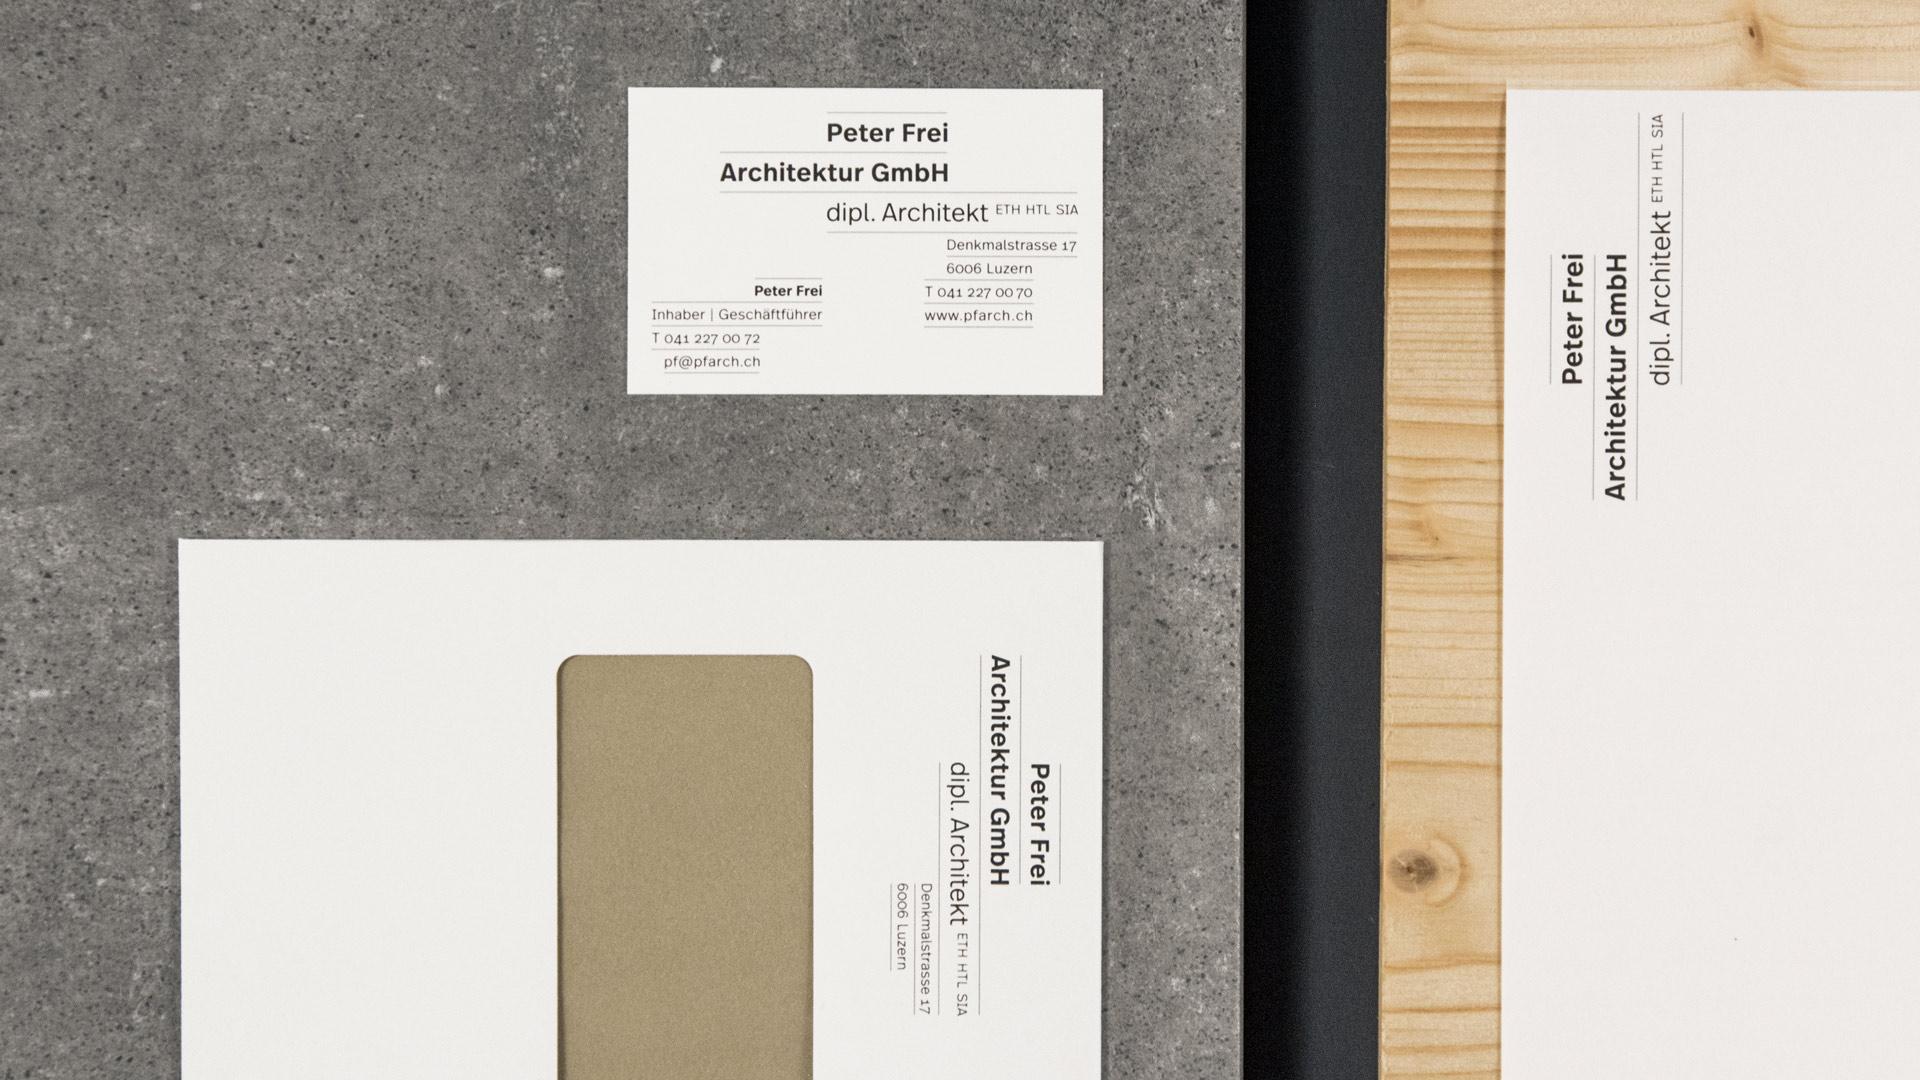 l'équipe [visuelle] – Grafik Agentur Emmenbruecke Luzern – Corporate Design, Webseite, Logo für das Architekturbüro Peter Frei in Luzern